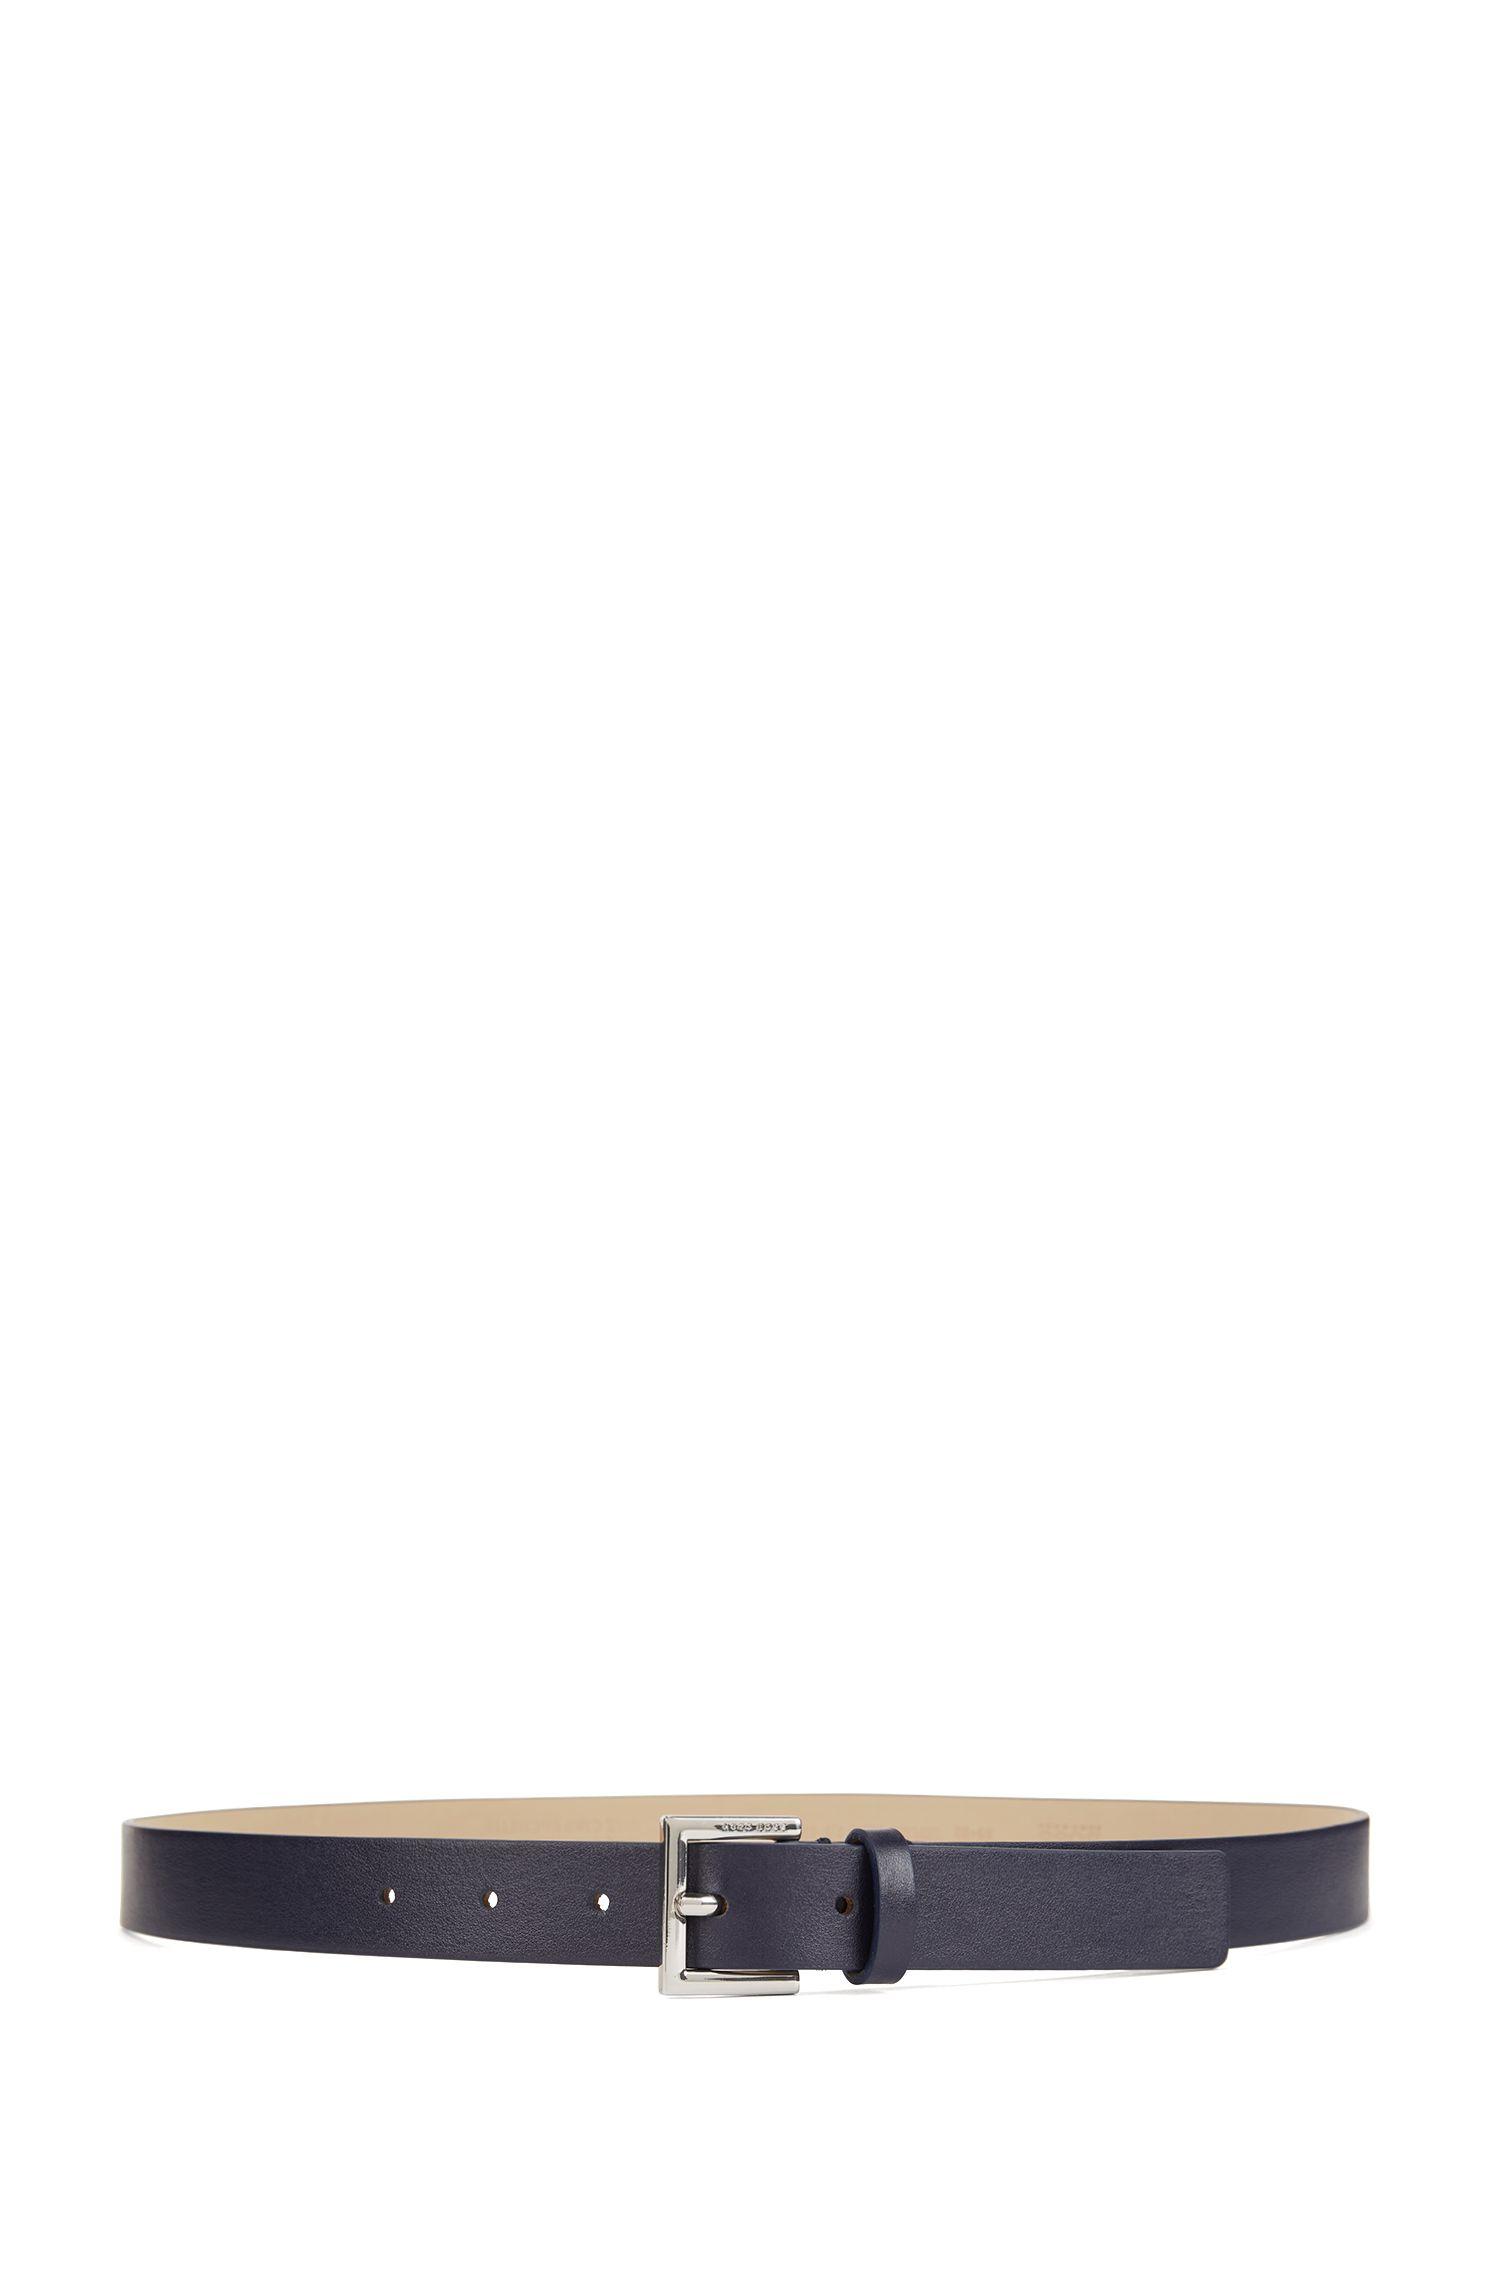 Gürtel aus italienischem Leder mit Logo-Gravur an der Schließe, Blau